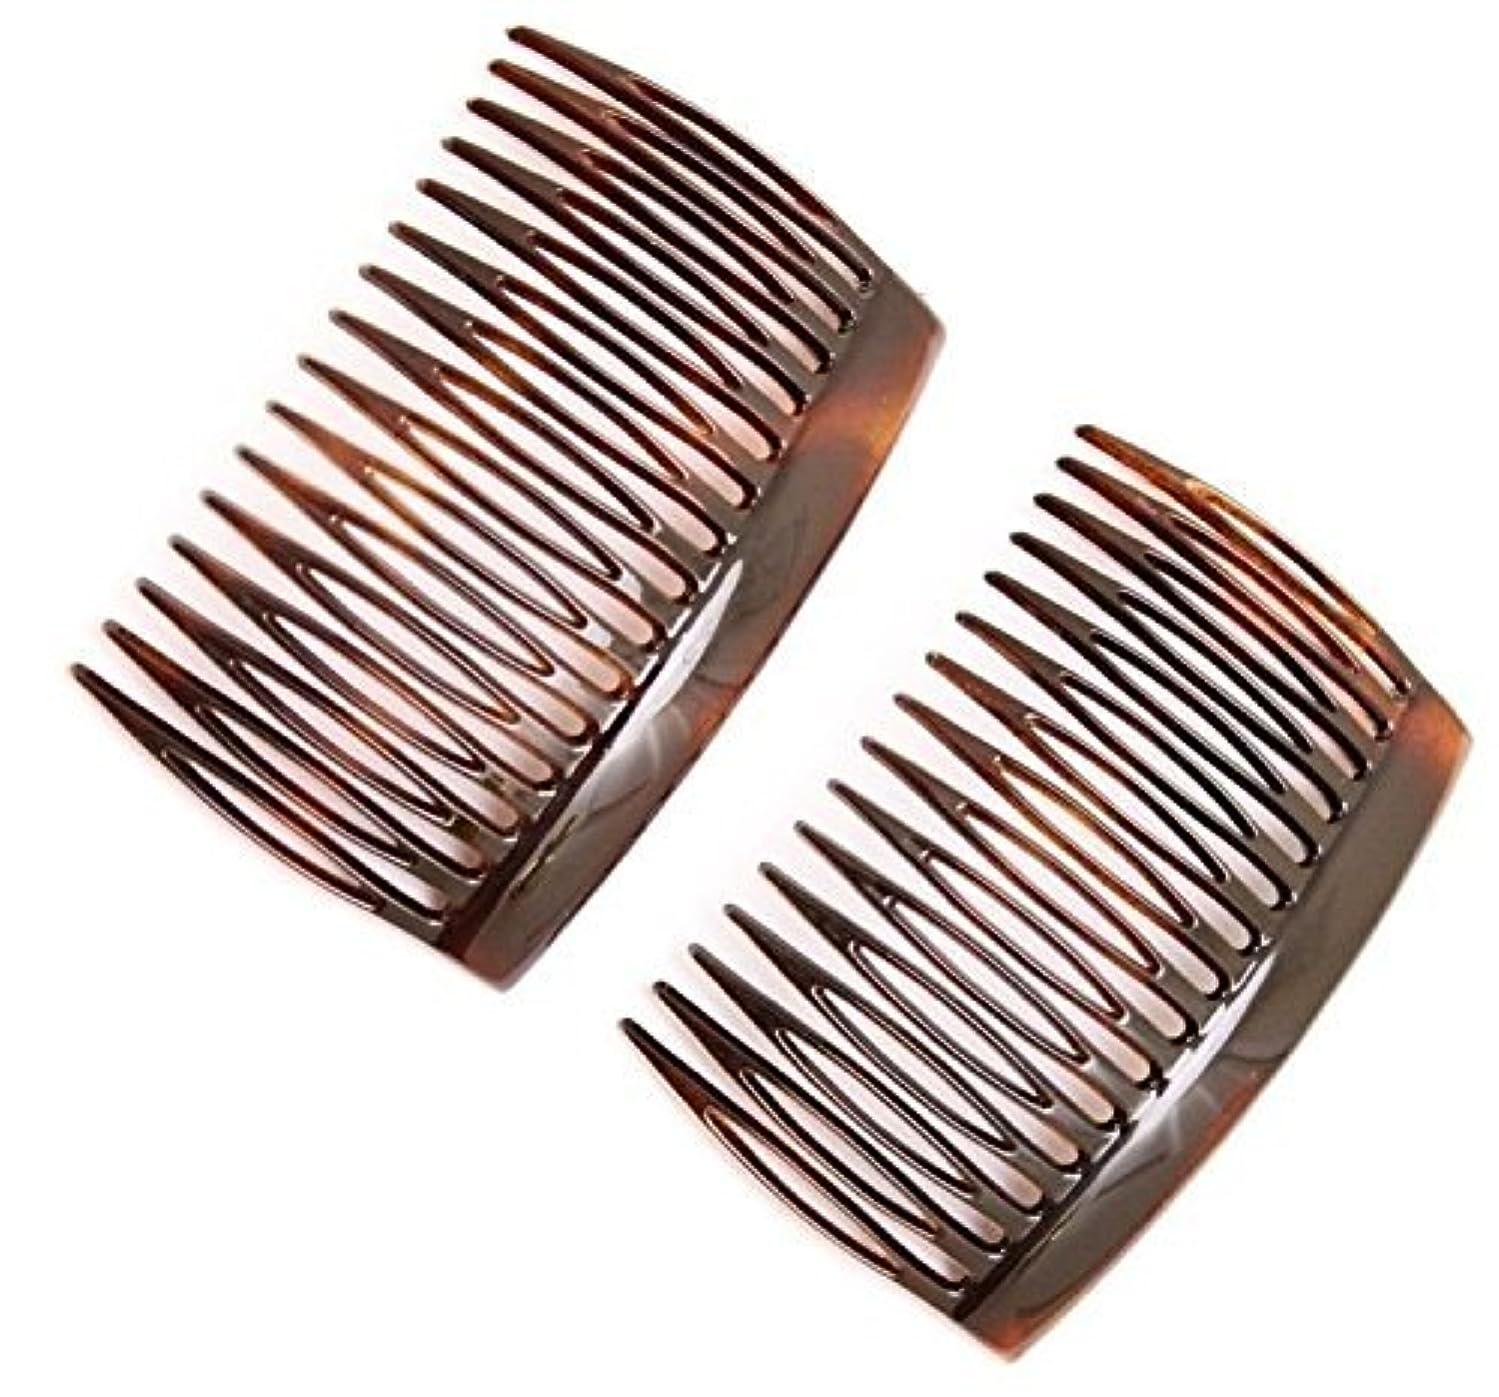 処分した長椅子好意Parcelona French 2 Pieces Glossy Celluloid Shell Good Grip Updo 16 Teeth Hair Side Combs -2.75 Inches (2 Pcs)...